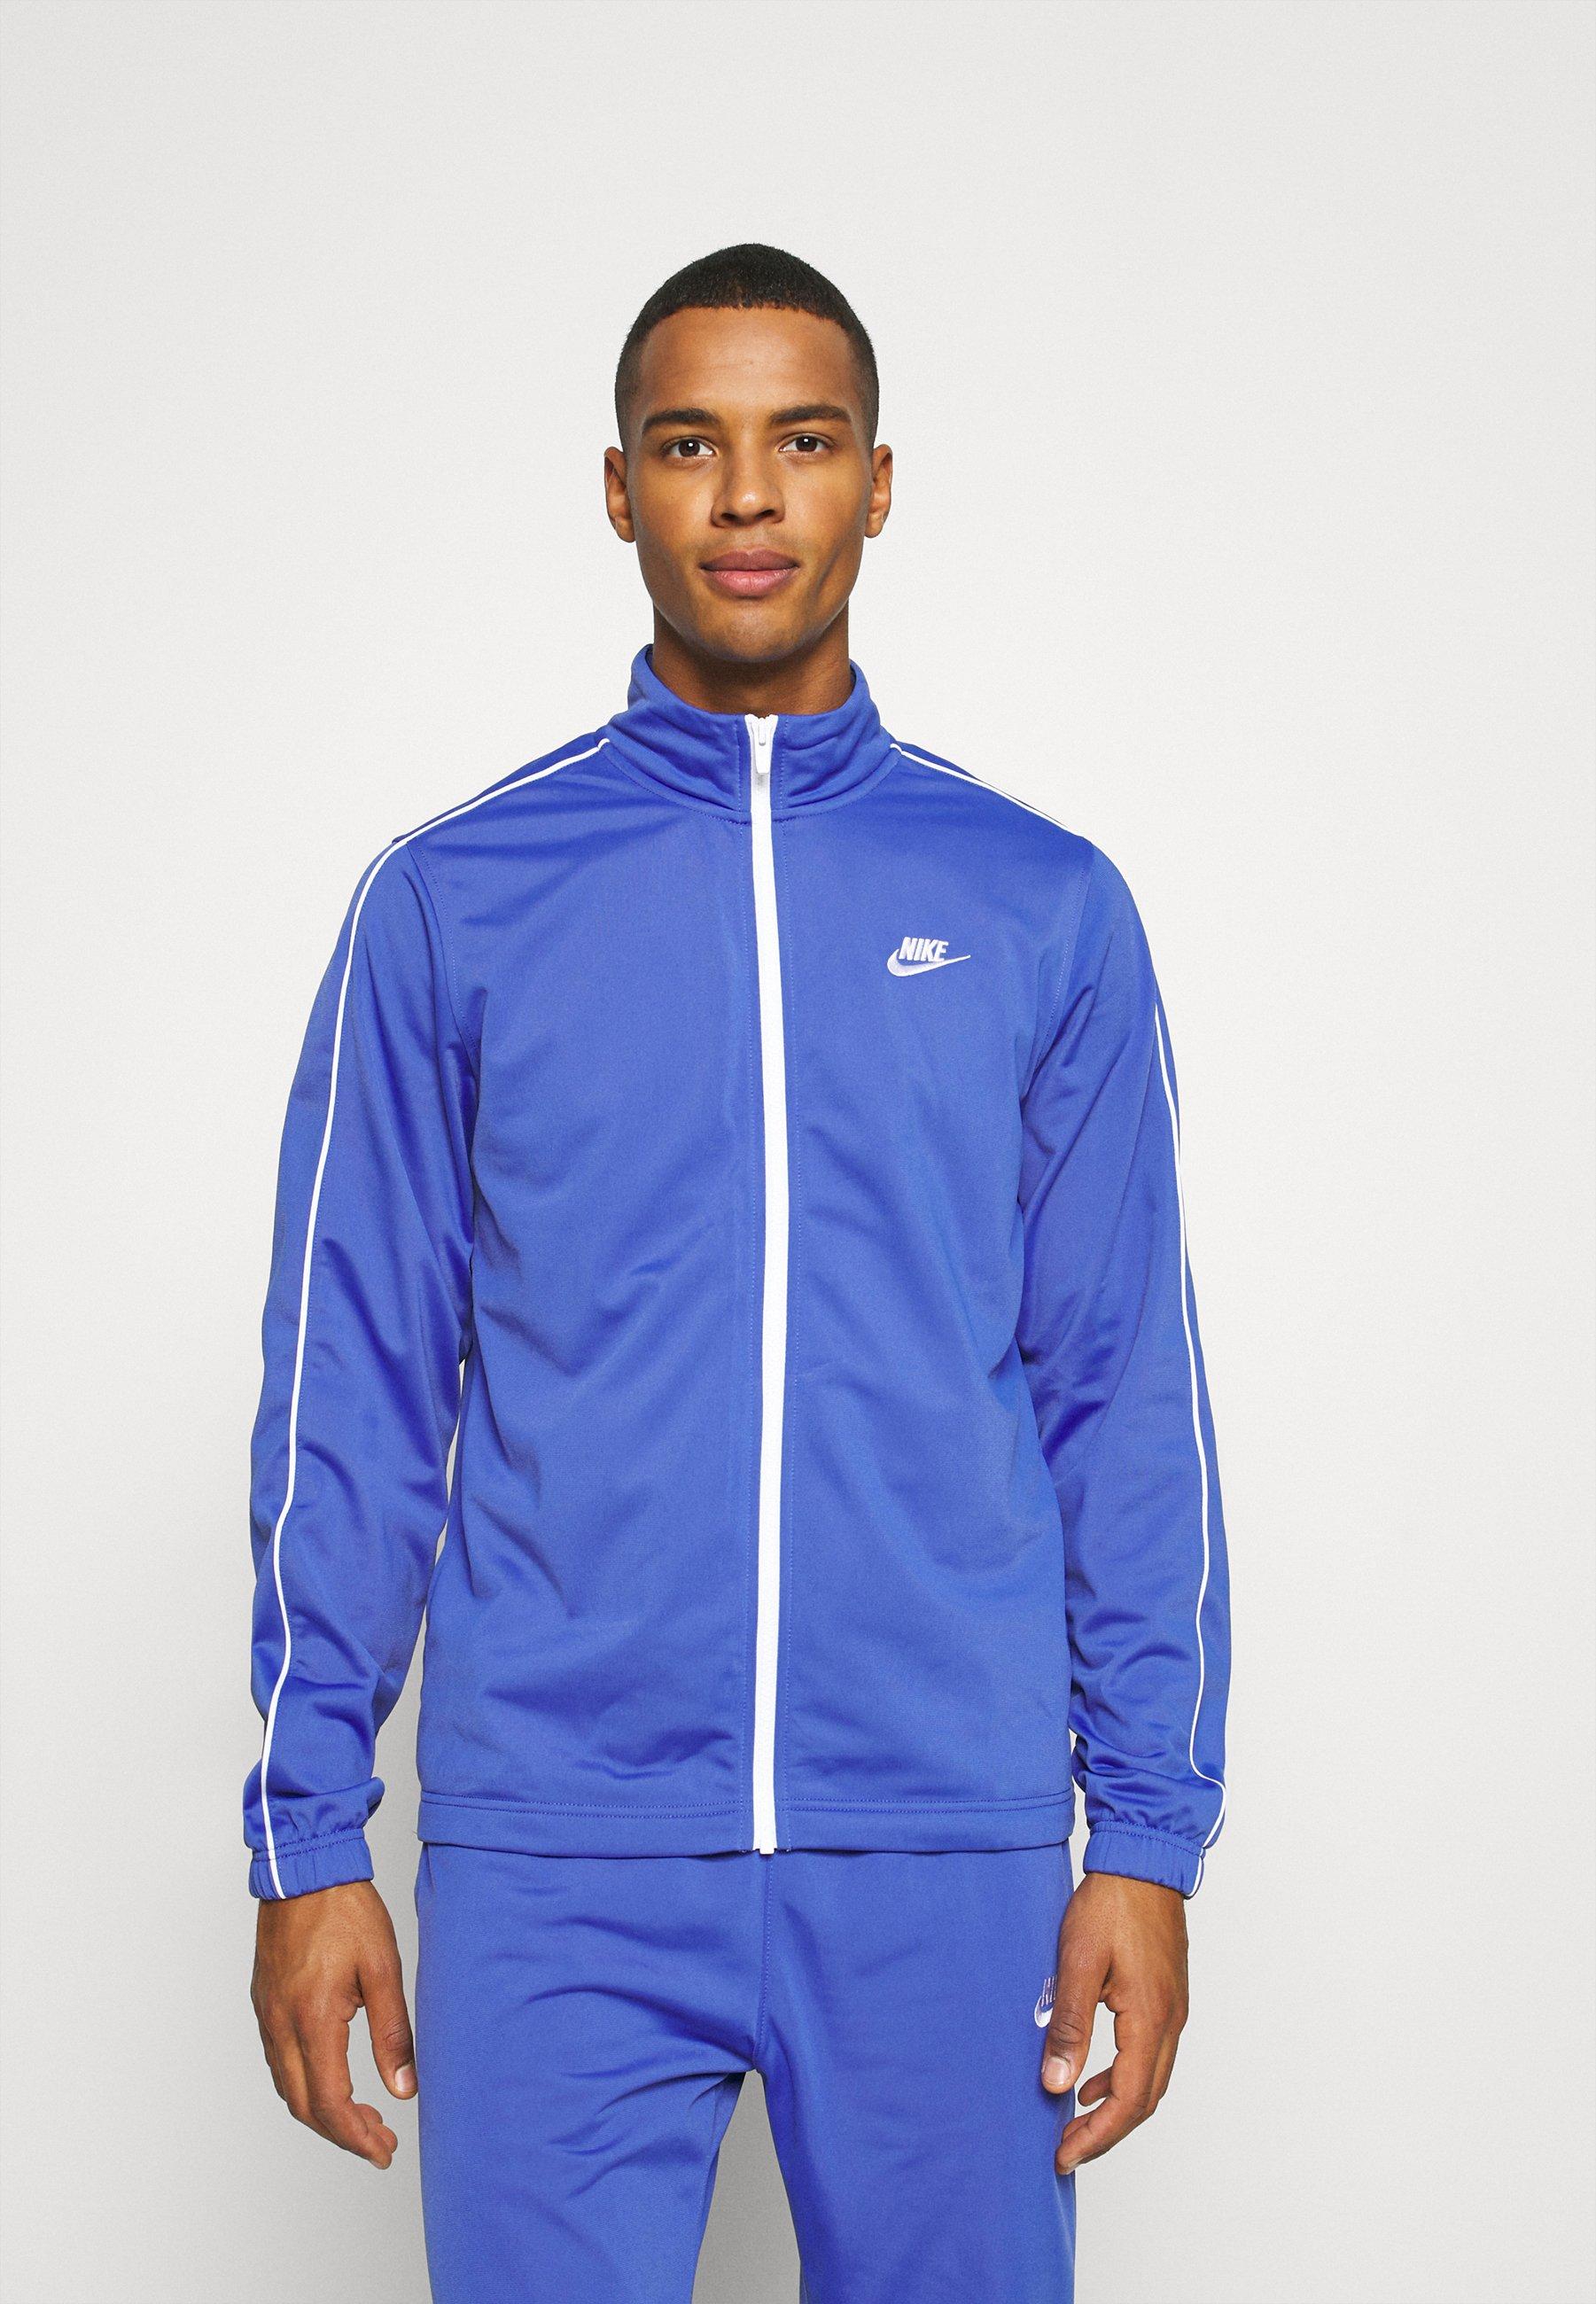 Nike Sportswear Suit Basic - Treningsdress Astronomy Blue/white/kongeblå